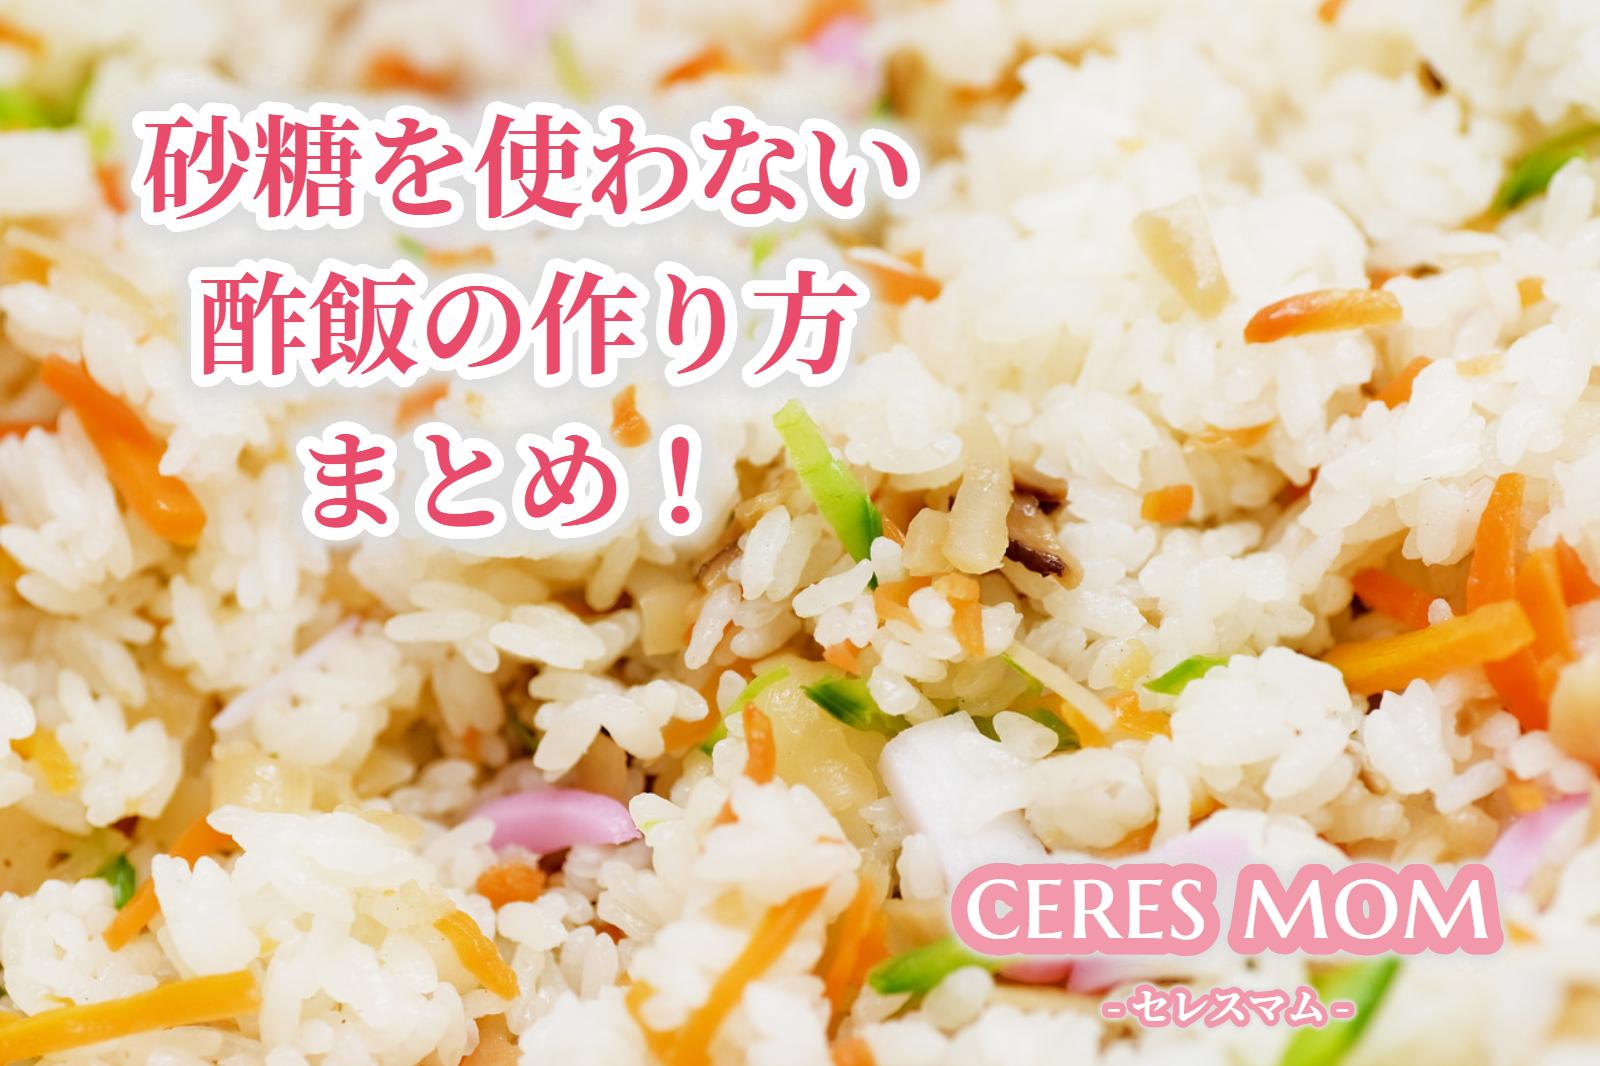 砂糖を使わない酢飯の作り方まとめ!